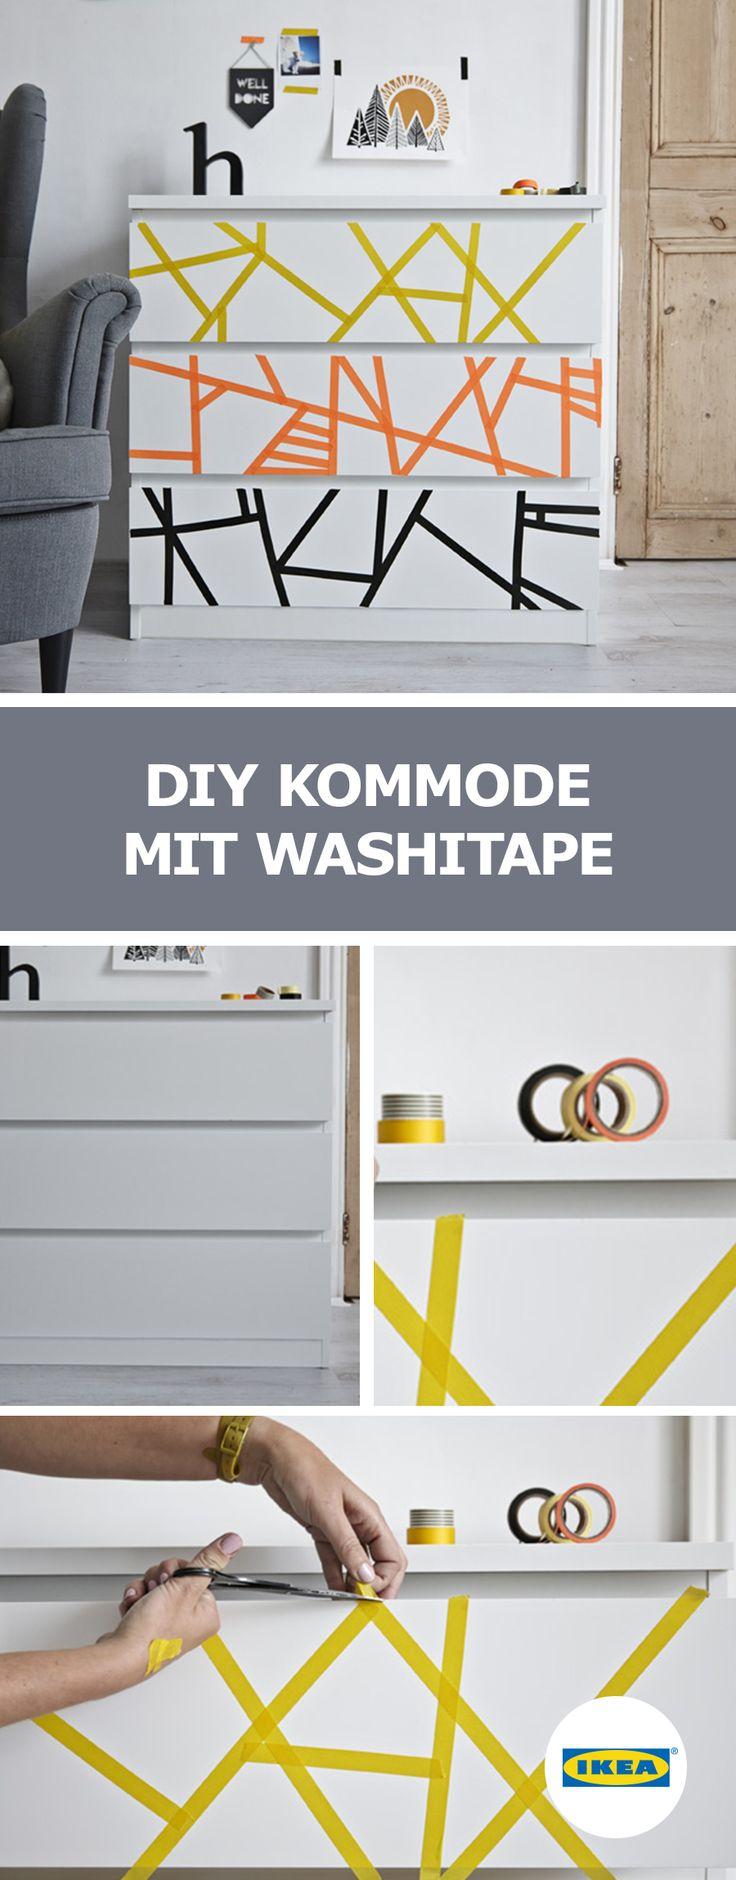 In Unseren IKEA Ideen Zeigen Wir Dir, Wie Du Eine Kommode Umgestalten  Kannst, Dass Daraus Ein Echtes Unikat Wird. Schau Mal   Diese Ideen Wirst  Du Lieben.